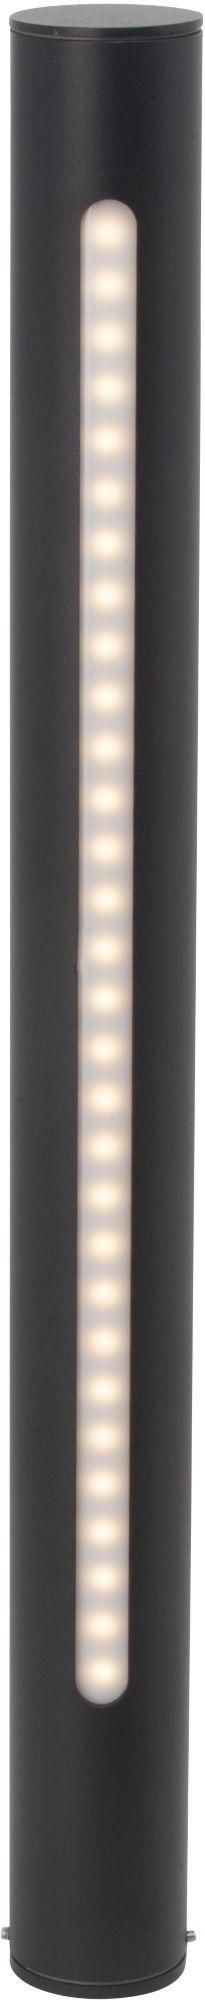 BRILLIANT LEUCHTEN Brilliant LED Außenleuchte, 1 flg., Stehleuchte, »TWIN«